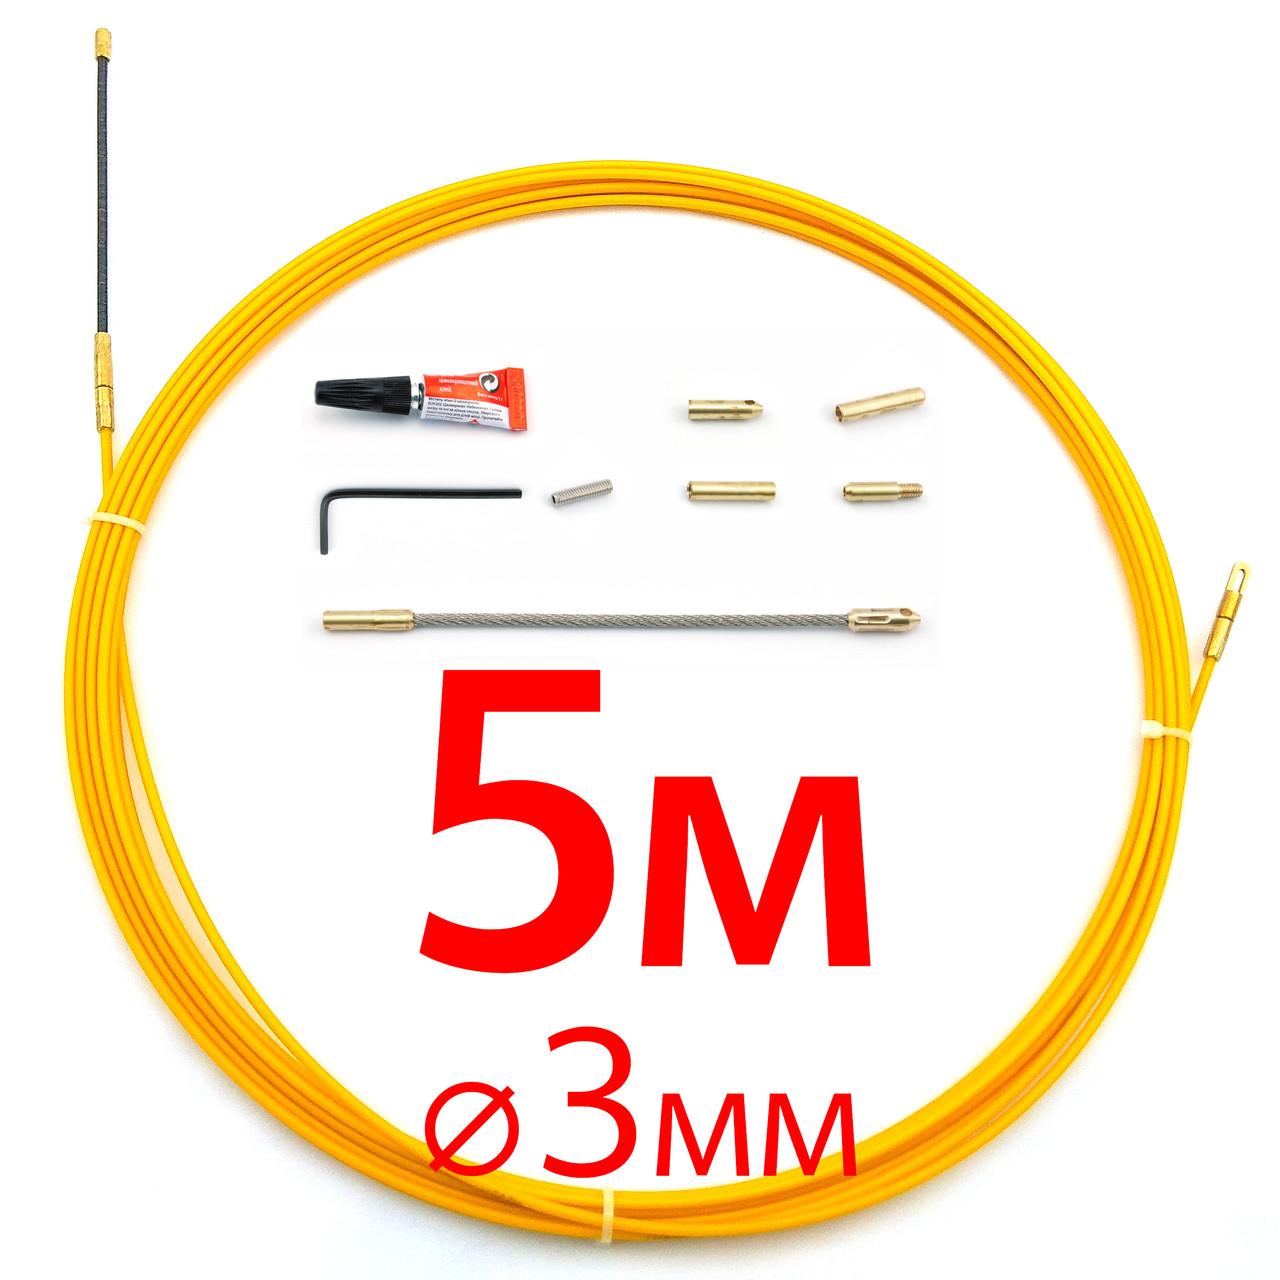 Кабельная протяжка, стеклопруток 3мм х 5м + 7 наконечников, протяжка для кабеля 5 метров, устройство затяжки